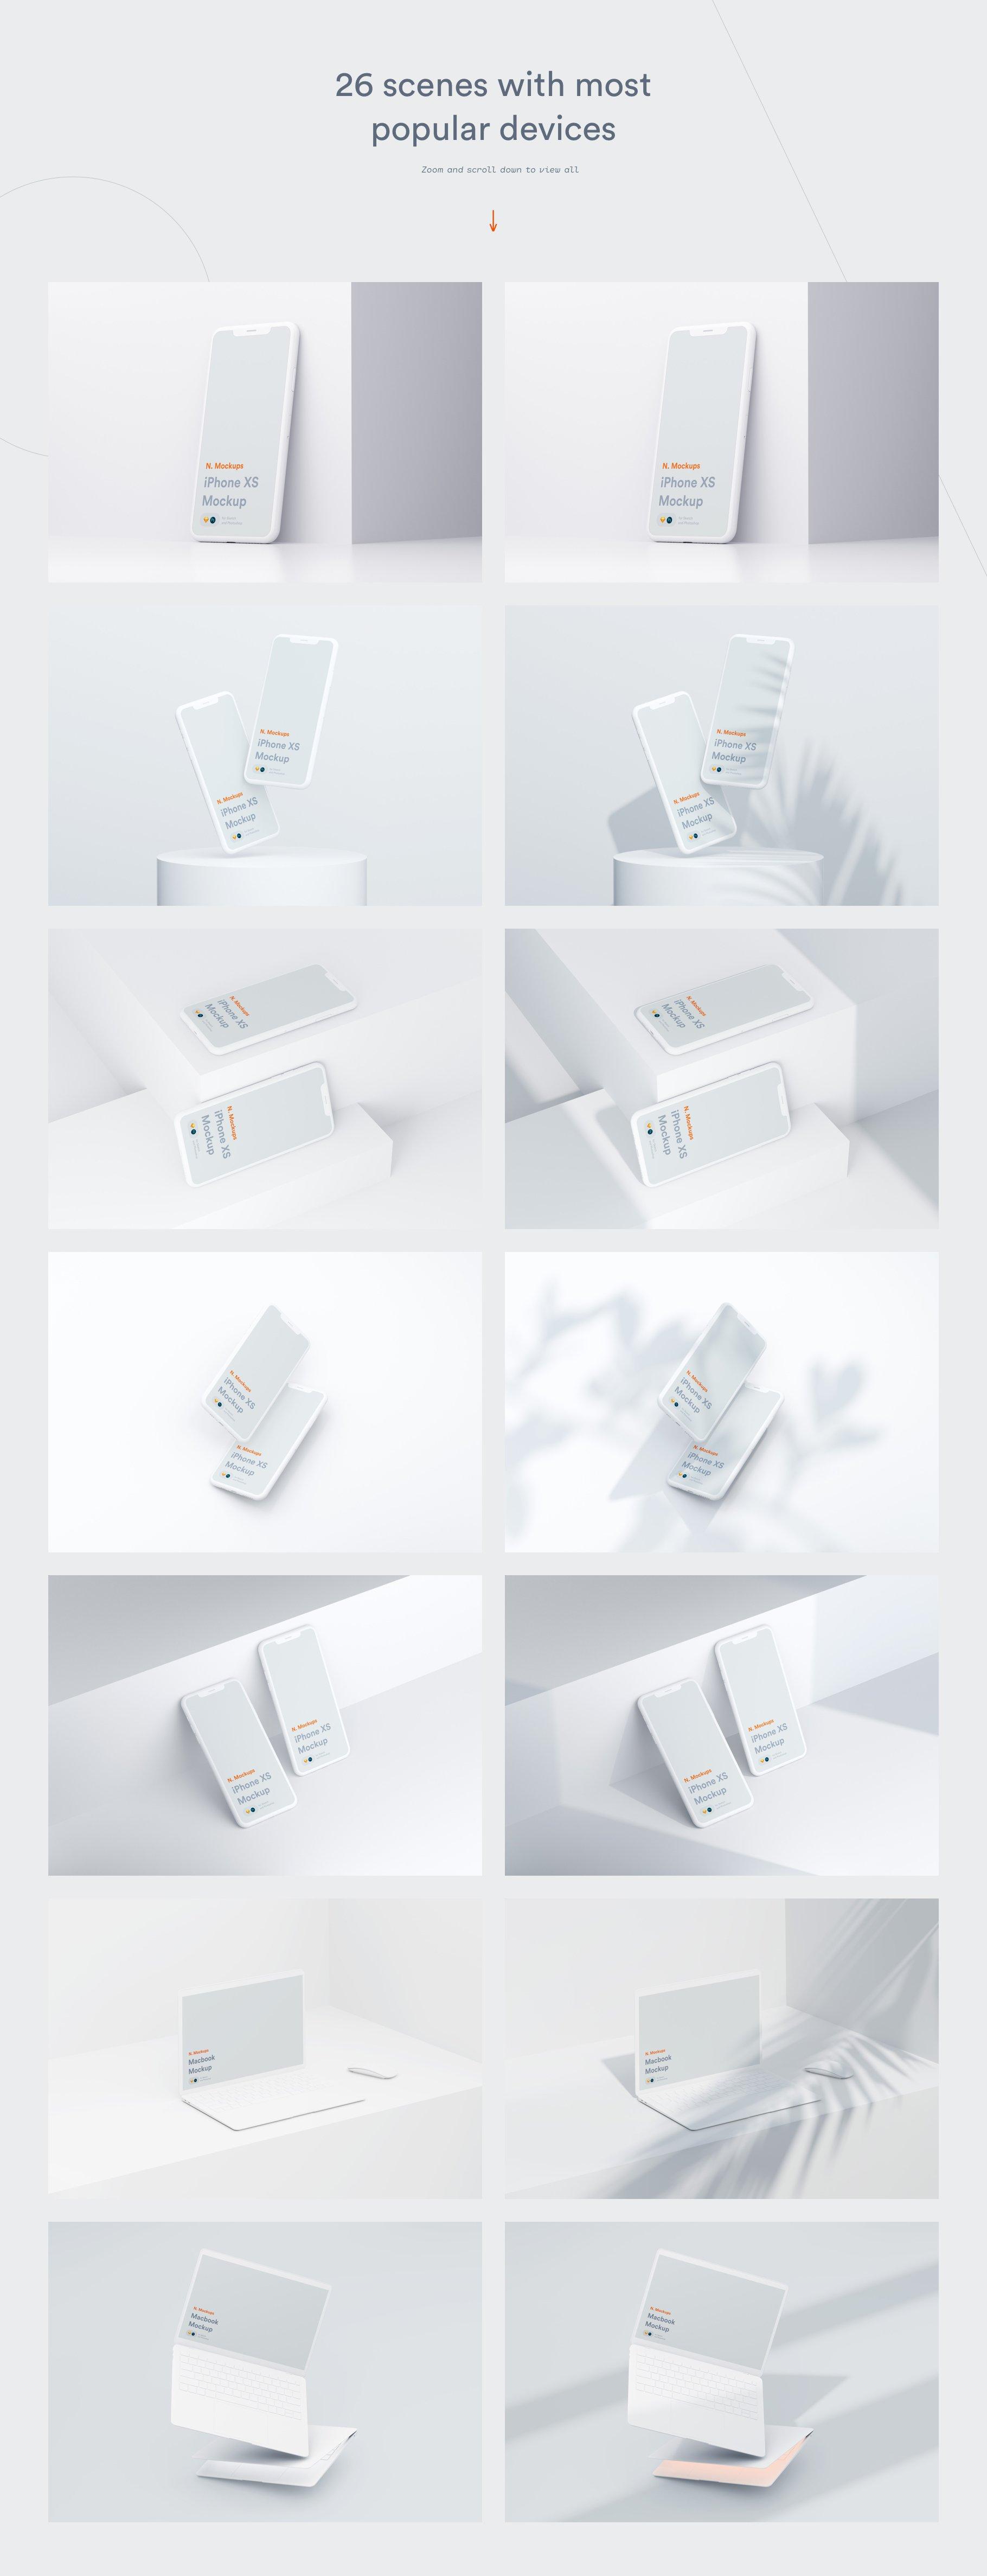 [单独购买] 超大网站APP设计陶瓷苹果设备屏幕演示样机模板素材套装 N.Mockups插图5